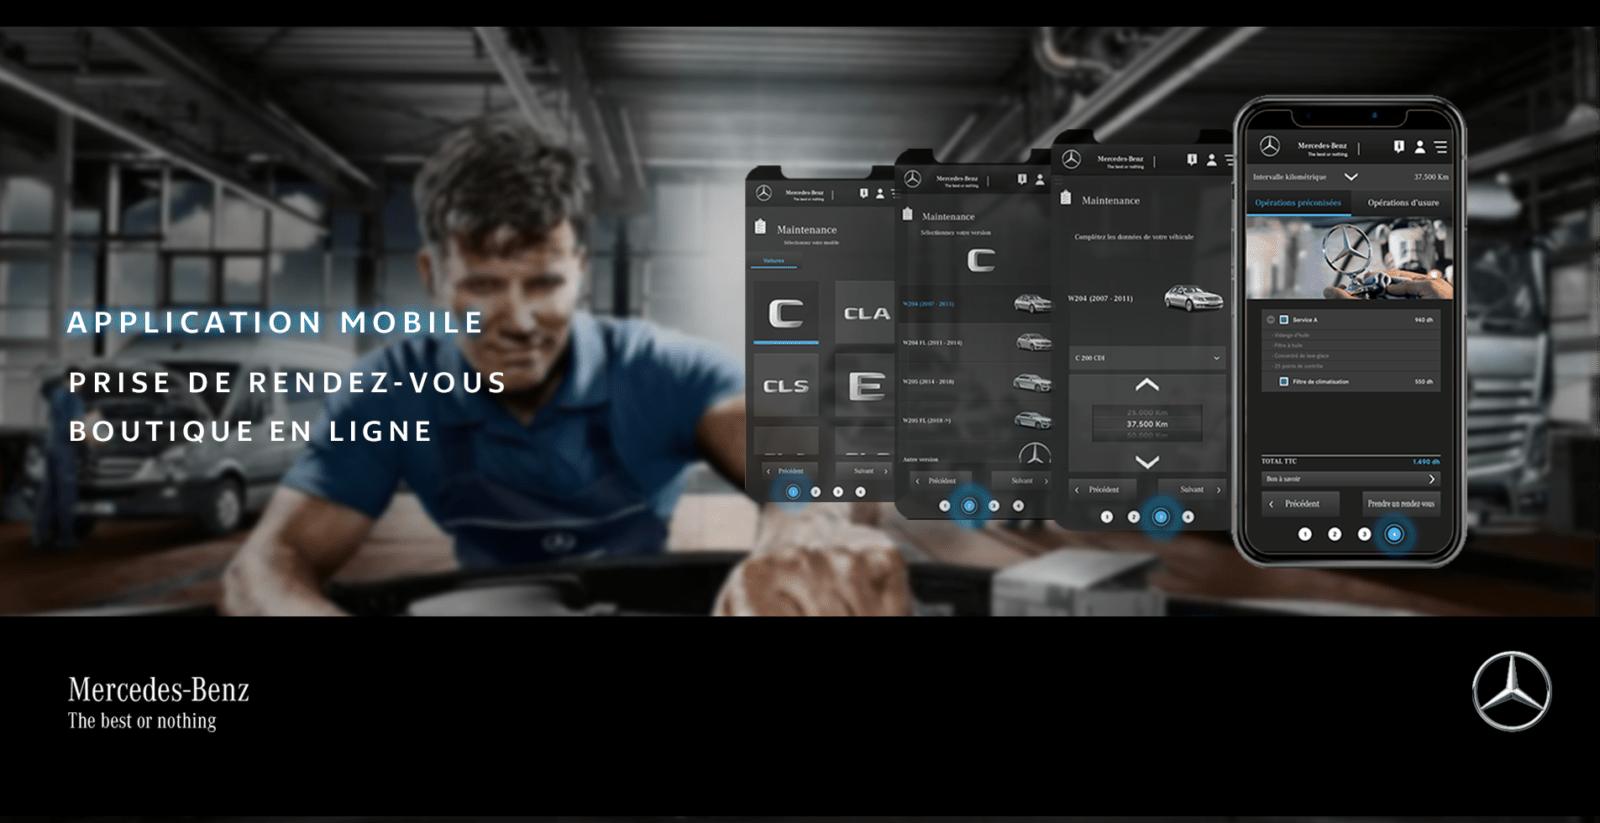 Développement du l'application mobile Mercedes par l'agence web et mobile Majjane.